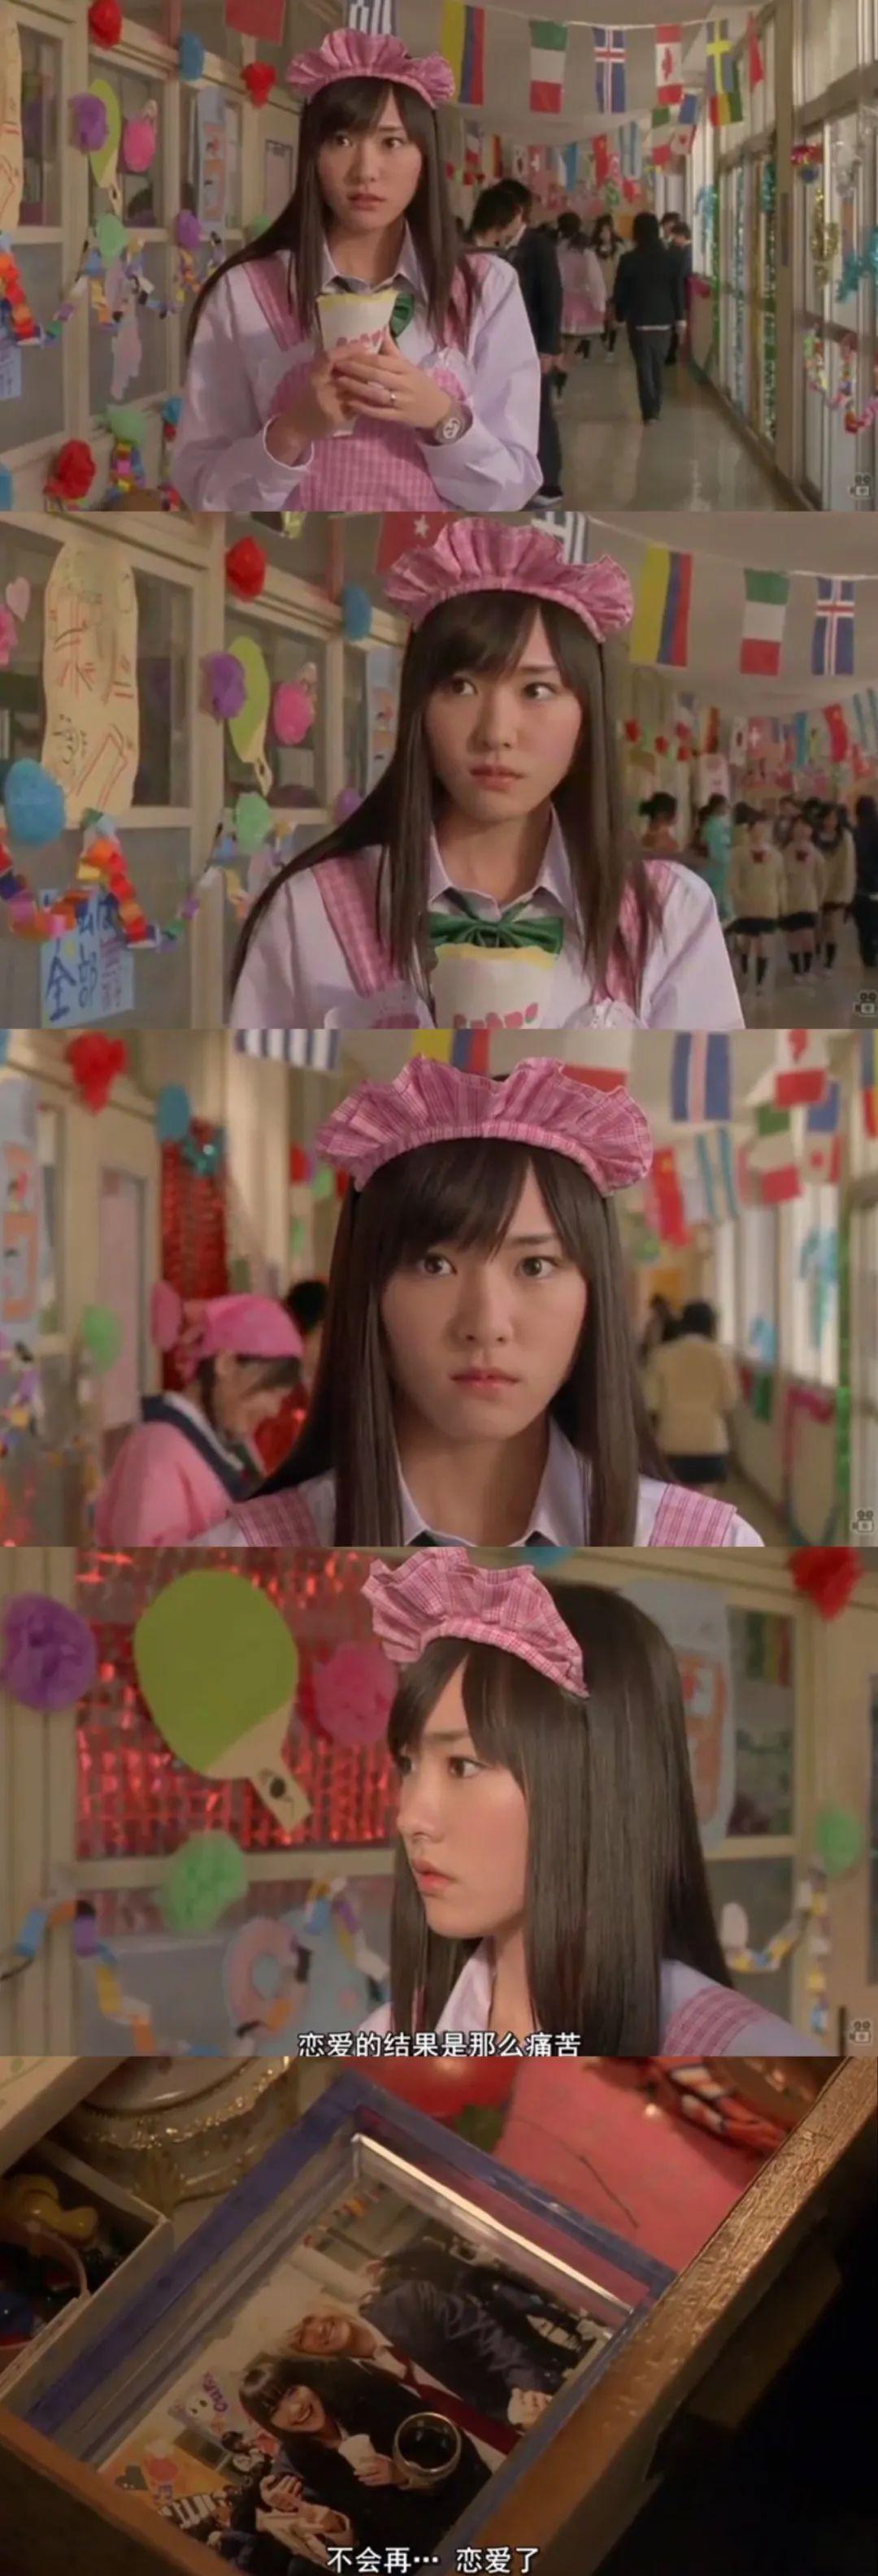 新垣结衣 恋空(2007年)剧情截图,青涩的新垣结衣_图片 No.2